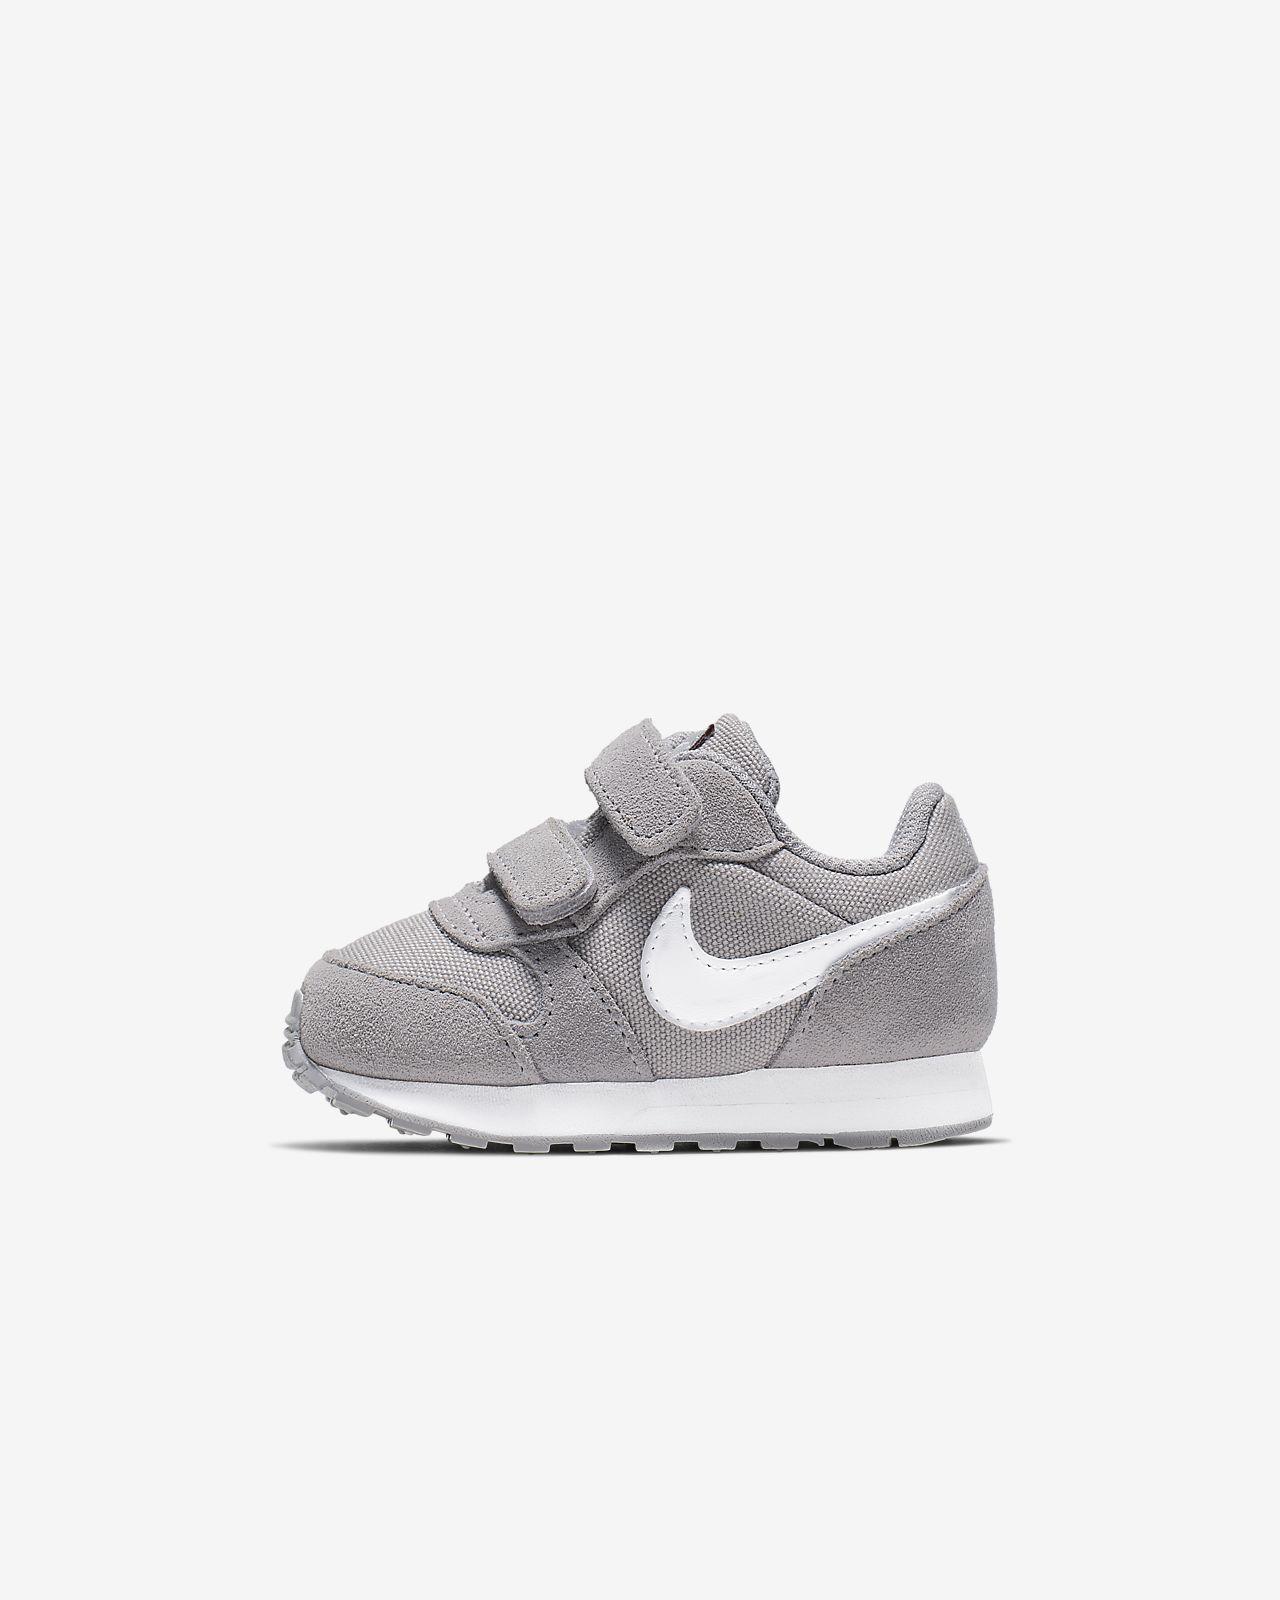 Nike MD Runner 2 PE Baby & Toddler Shoe